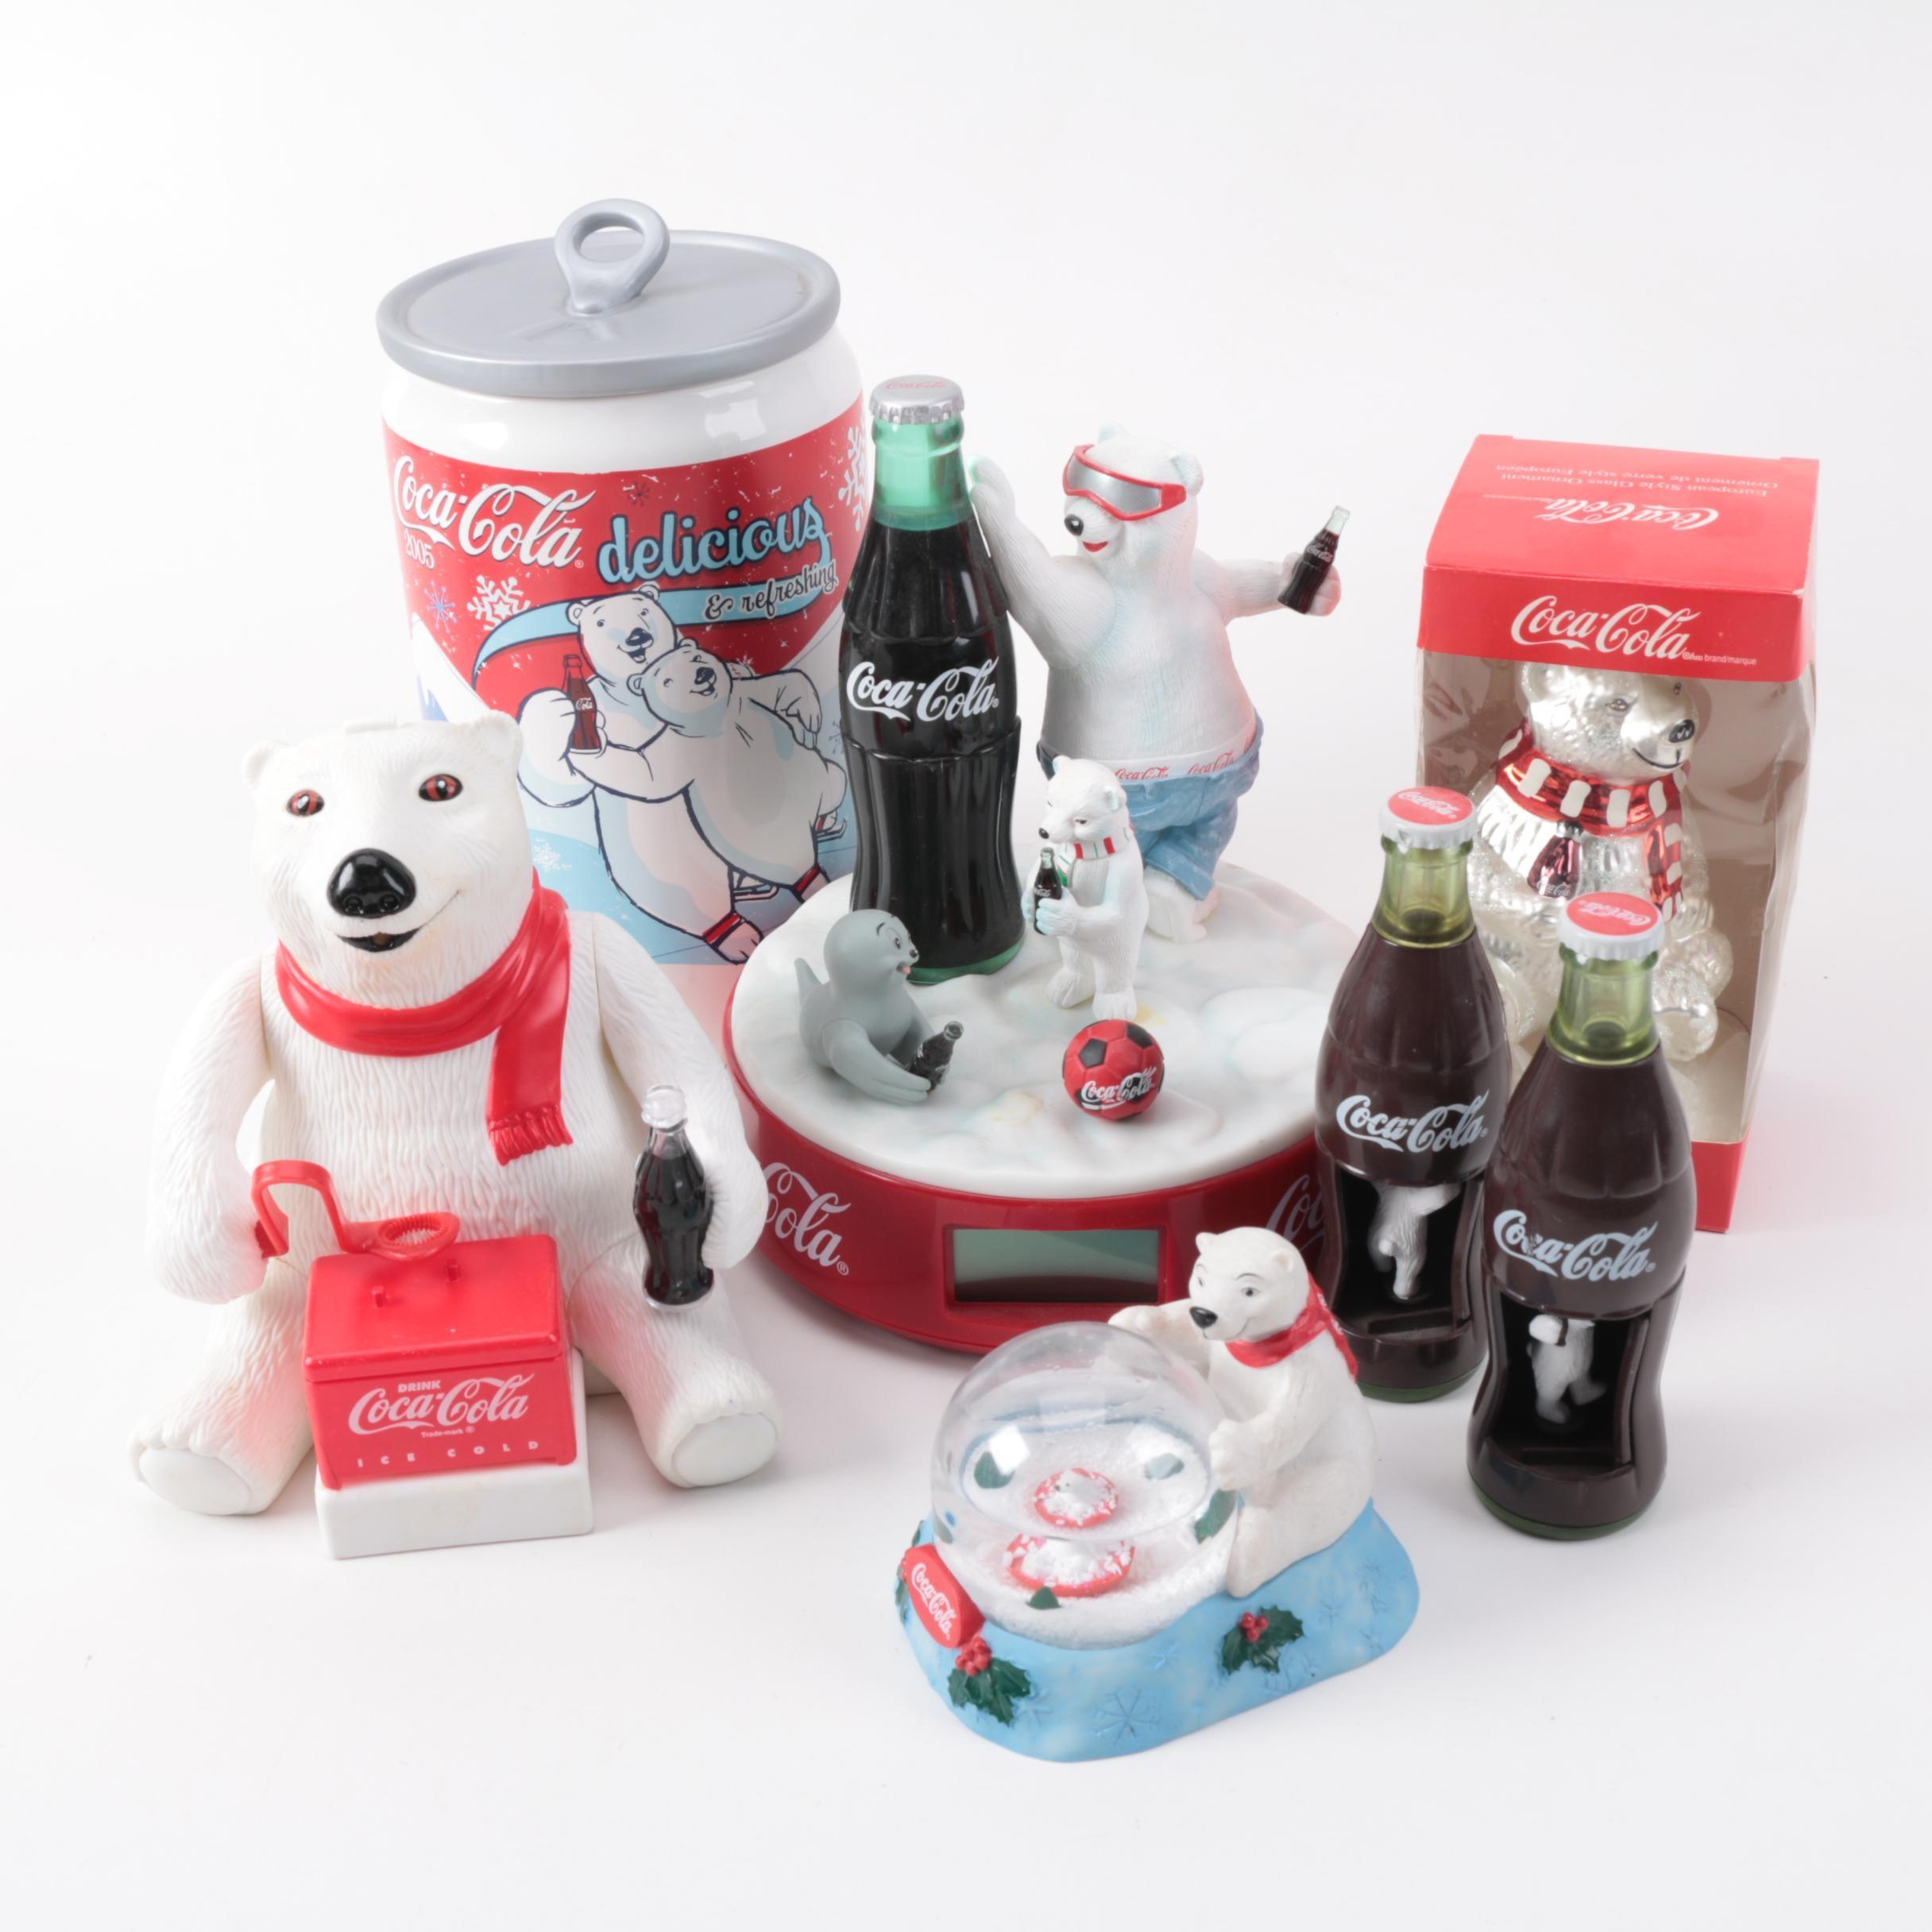 Coca-Cola Polar Bear Memorabilia